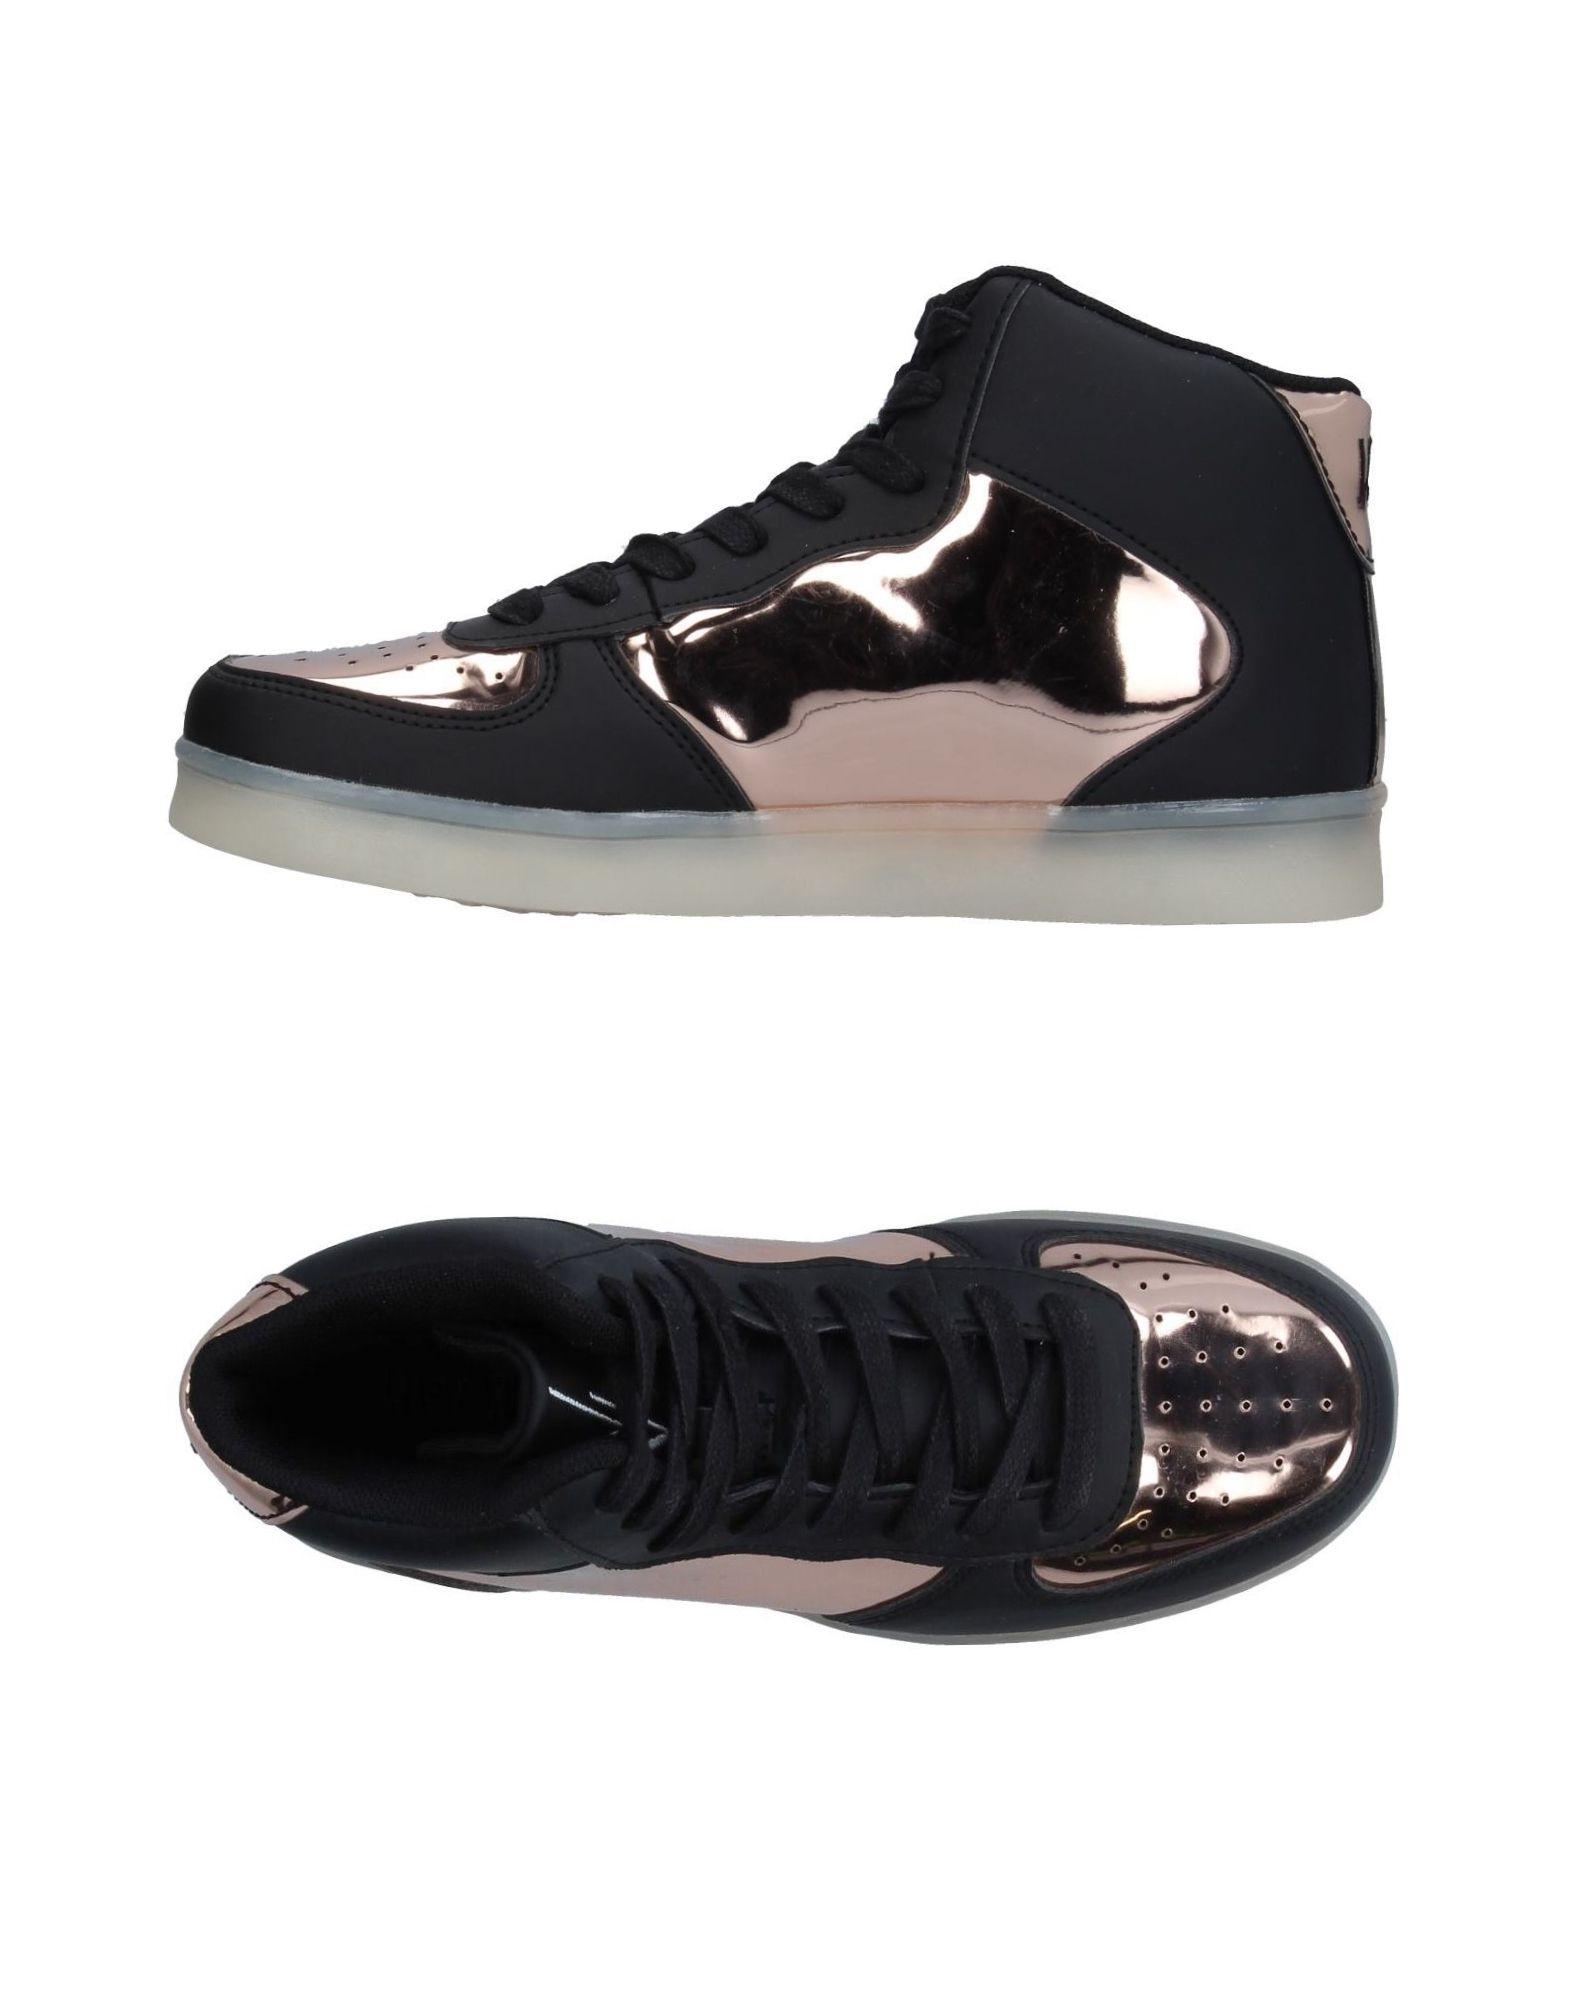 Wize & Ope Sneakers - Ope Women Wize & Ope - Sneakers online on  Canada - 11232317KJ 357f6b